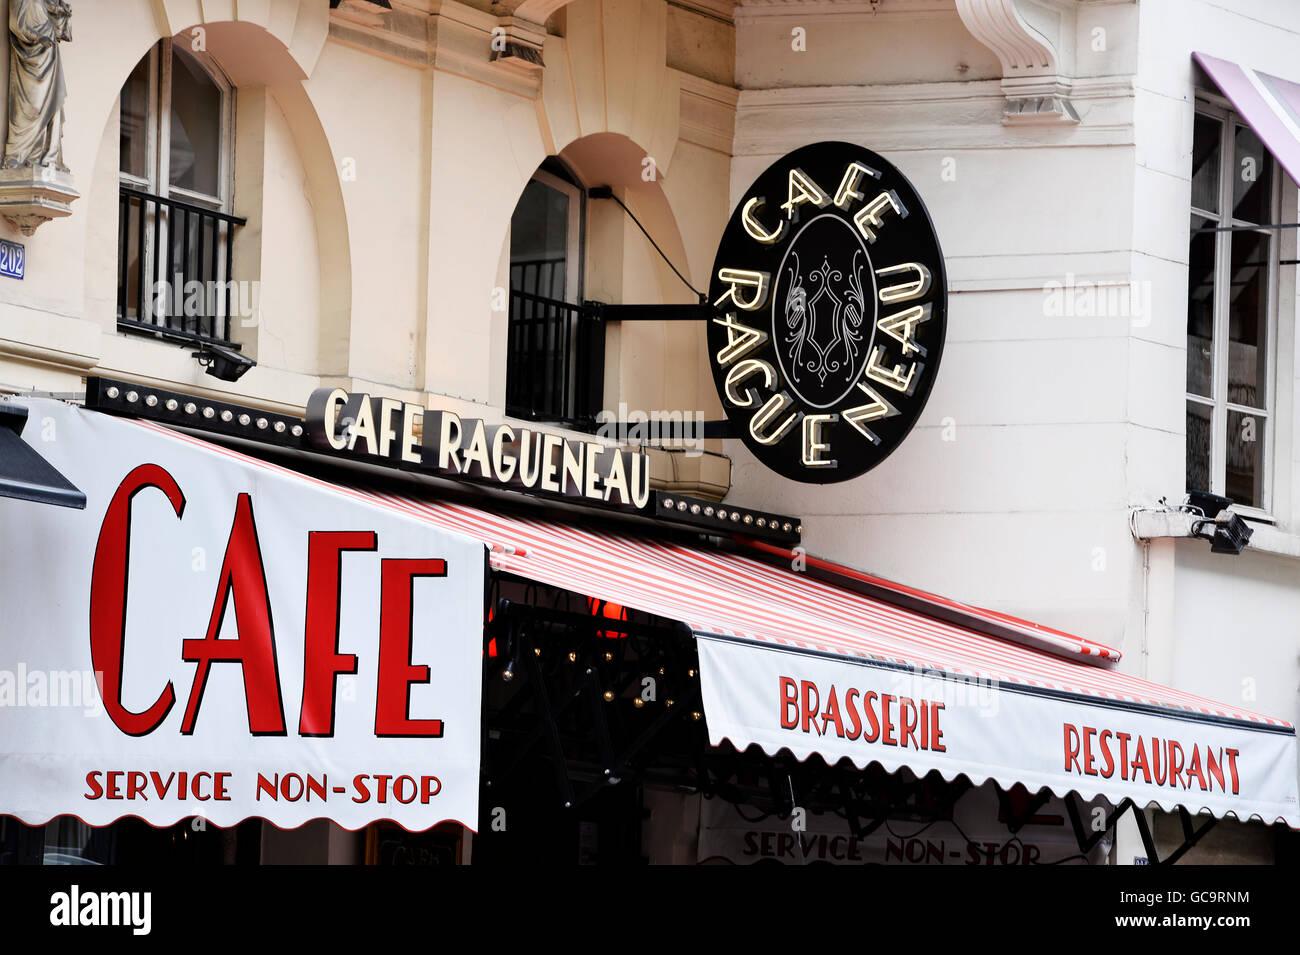 Brasserie-restaurant, rue Saint-Honoré, Paris - Stock Image